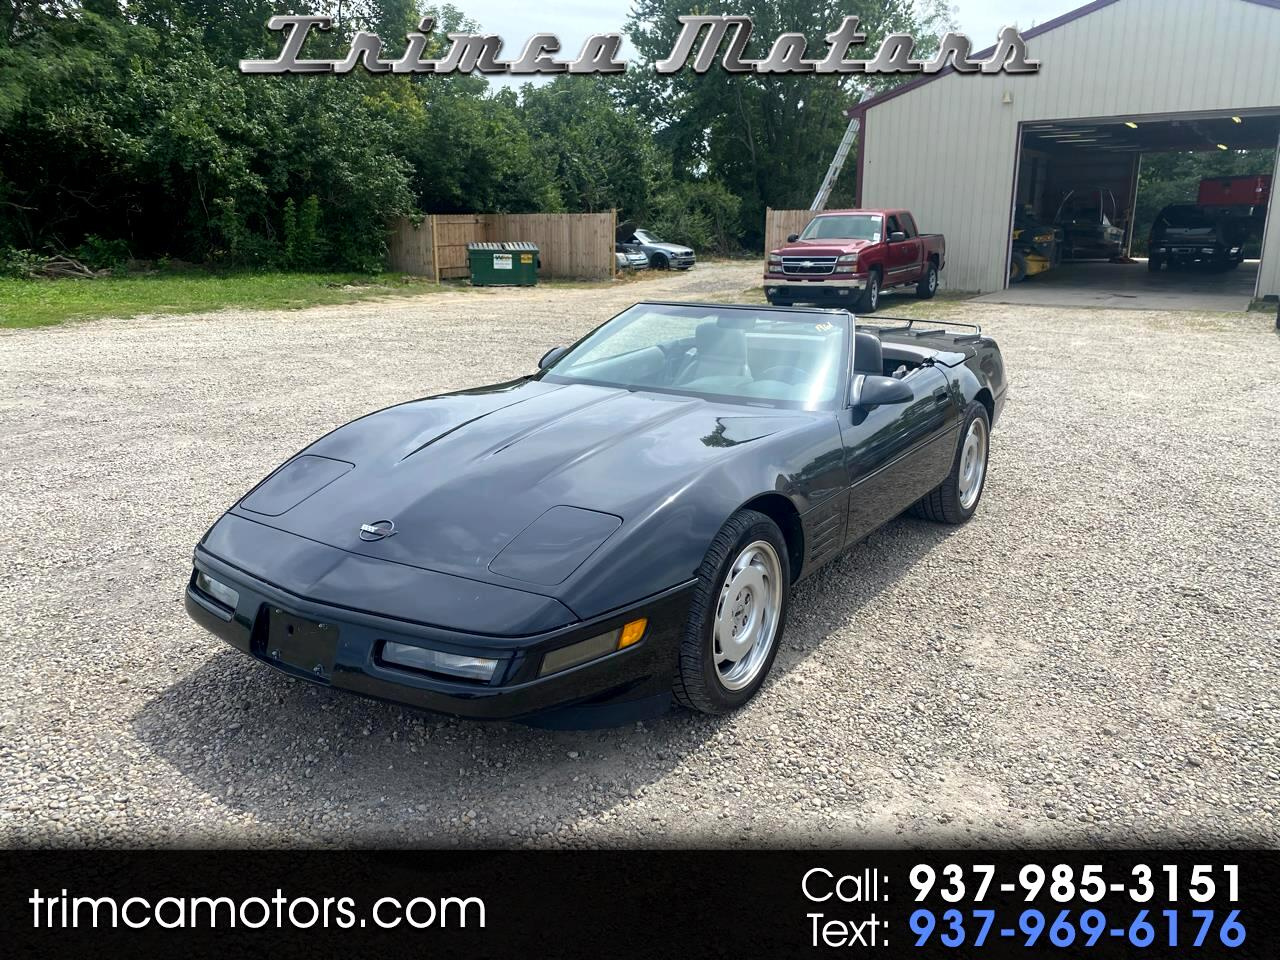 Chevrolet Corvette 2dr Convertible 1991